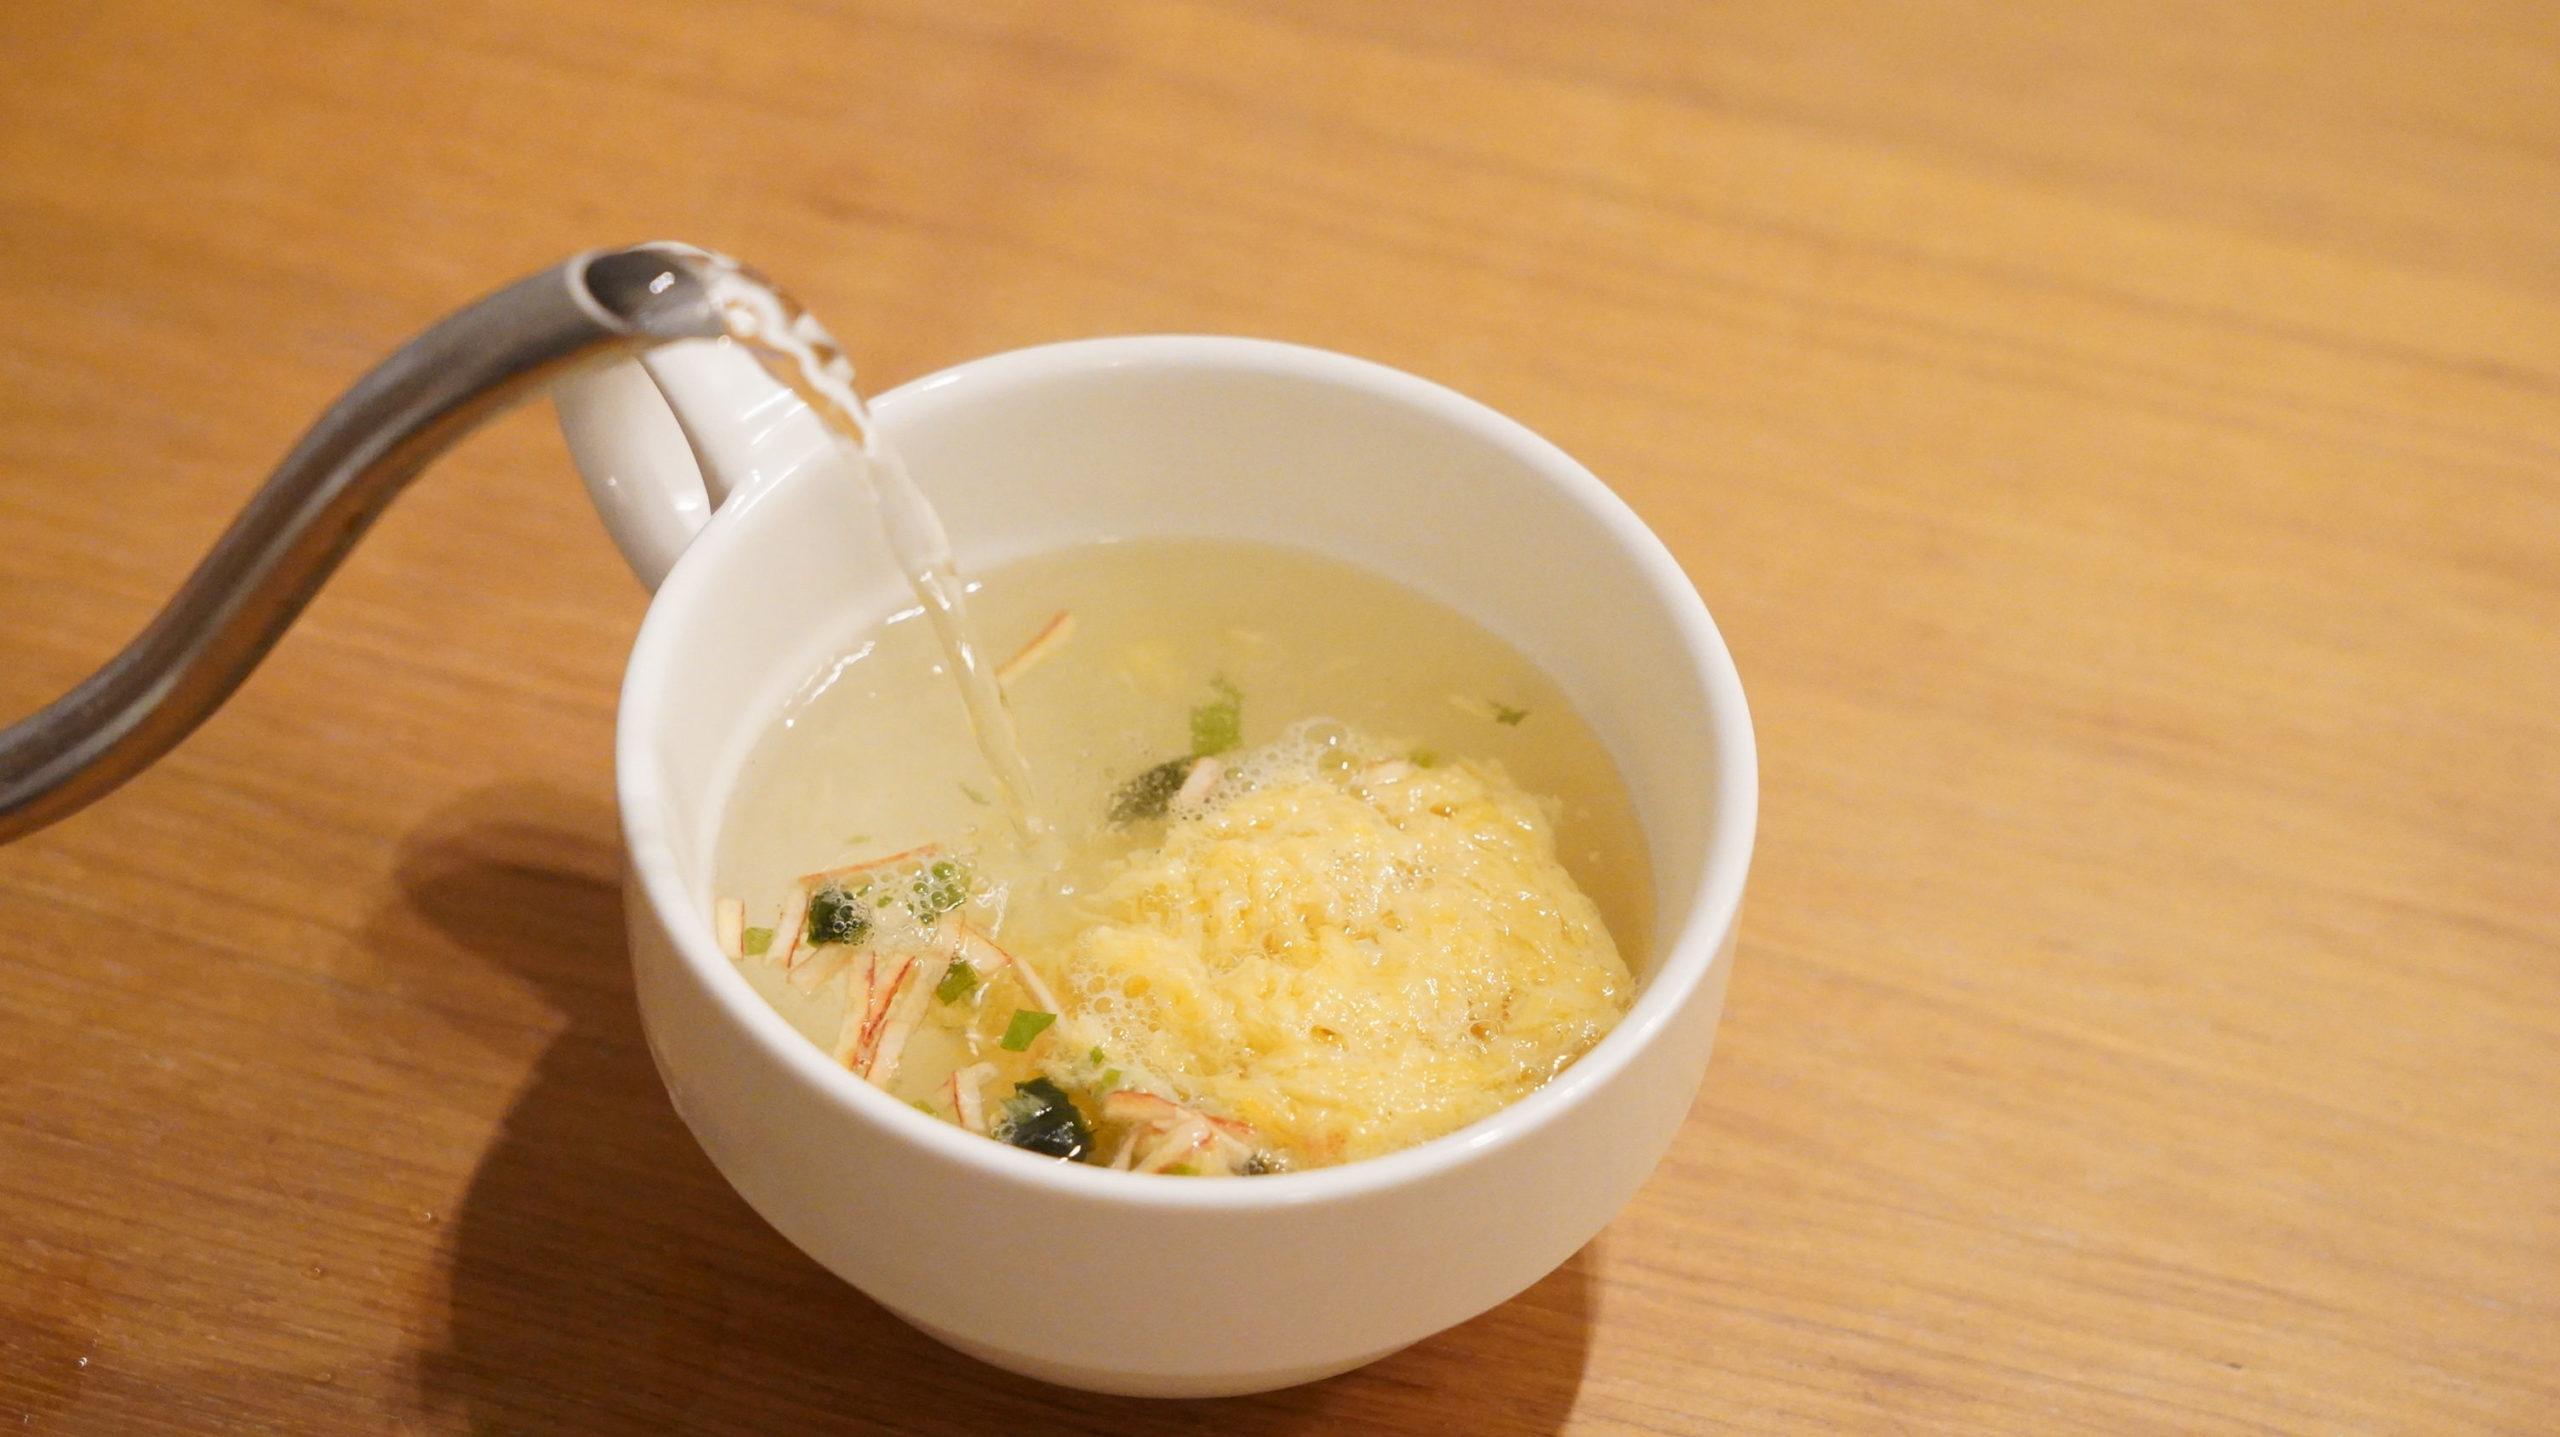 生協の宅配「おうちコープ」のたまごスープのフリーズドライにお湯を注いでいる写真